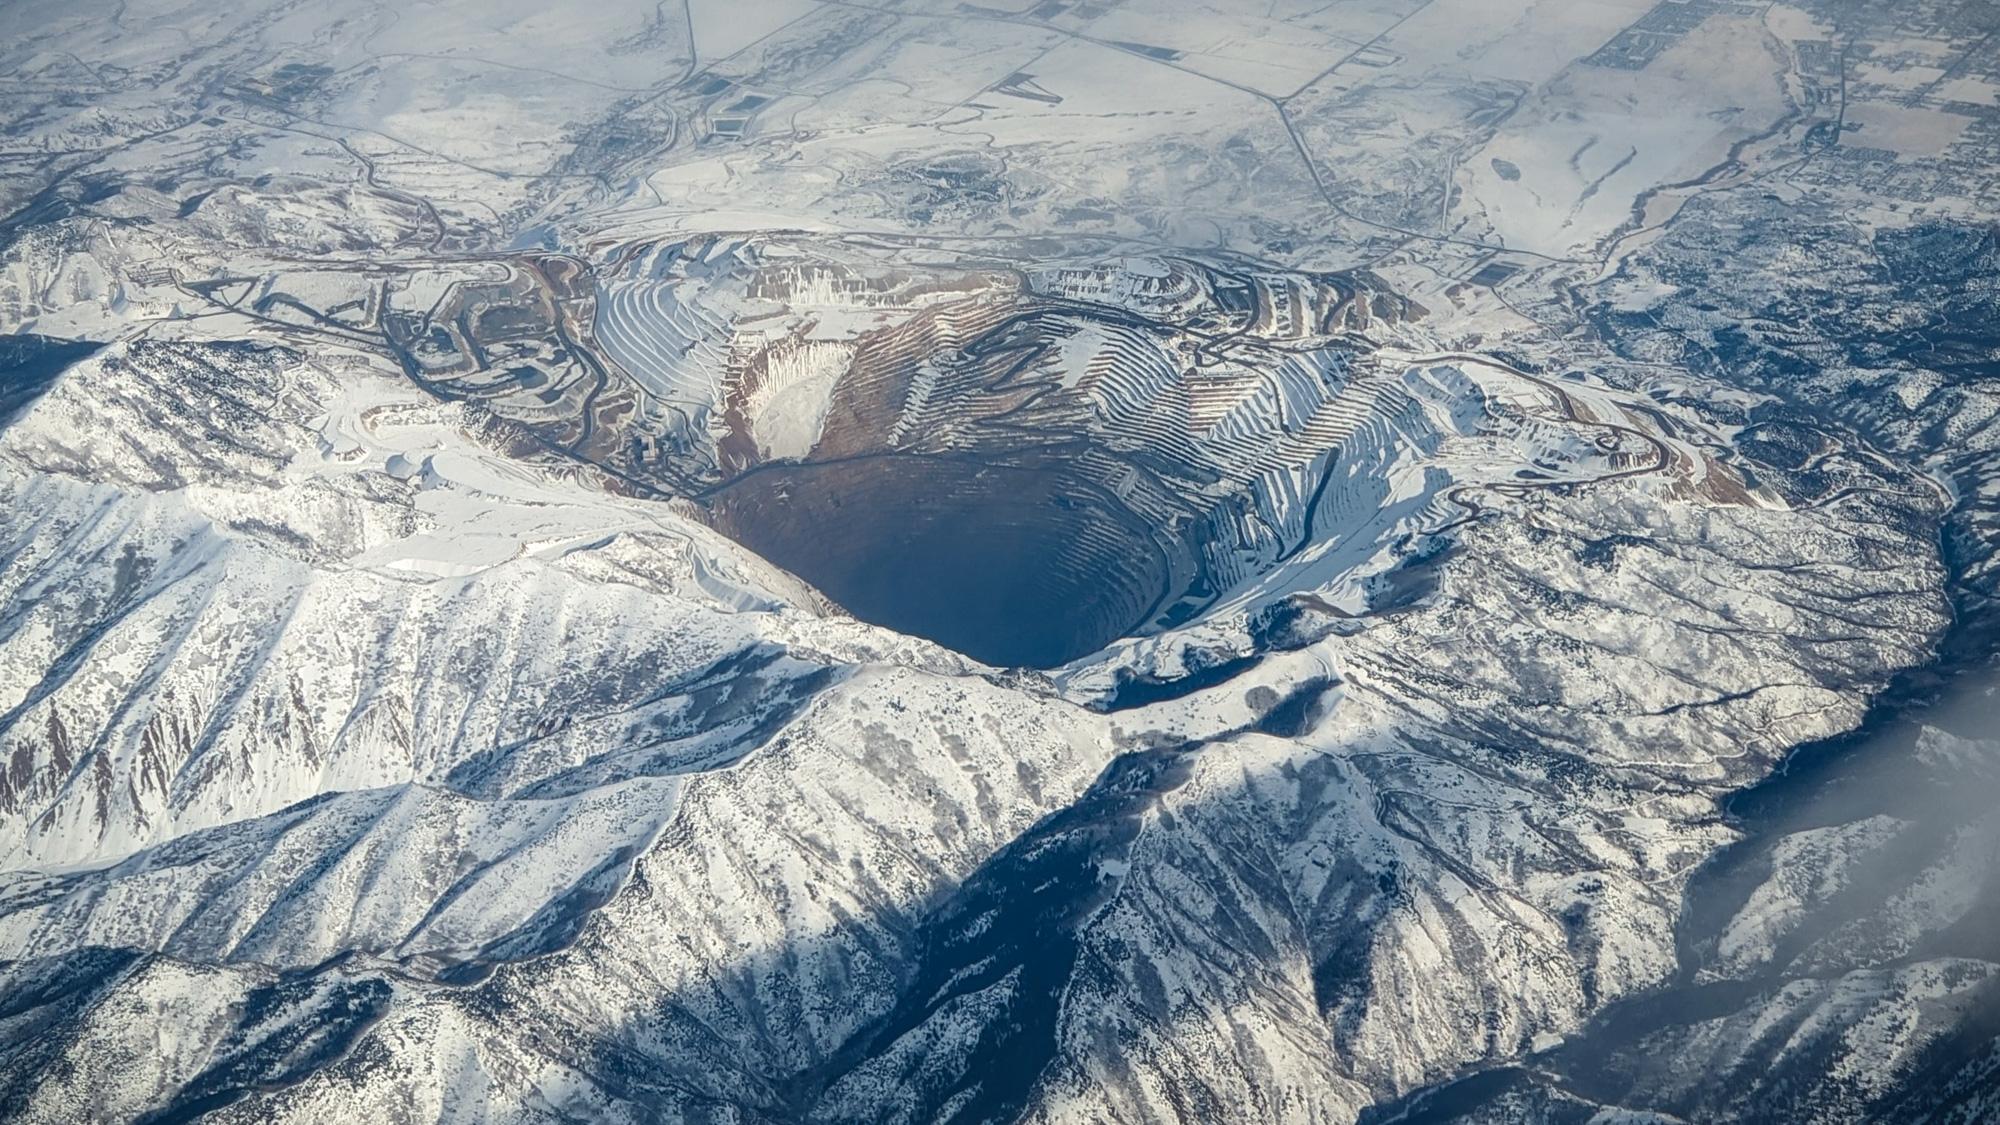 Медный рудник, штат Юта, США. Фото: Jay H., Unsplash